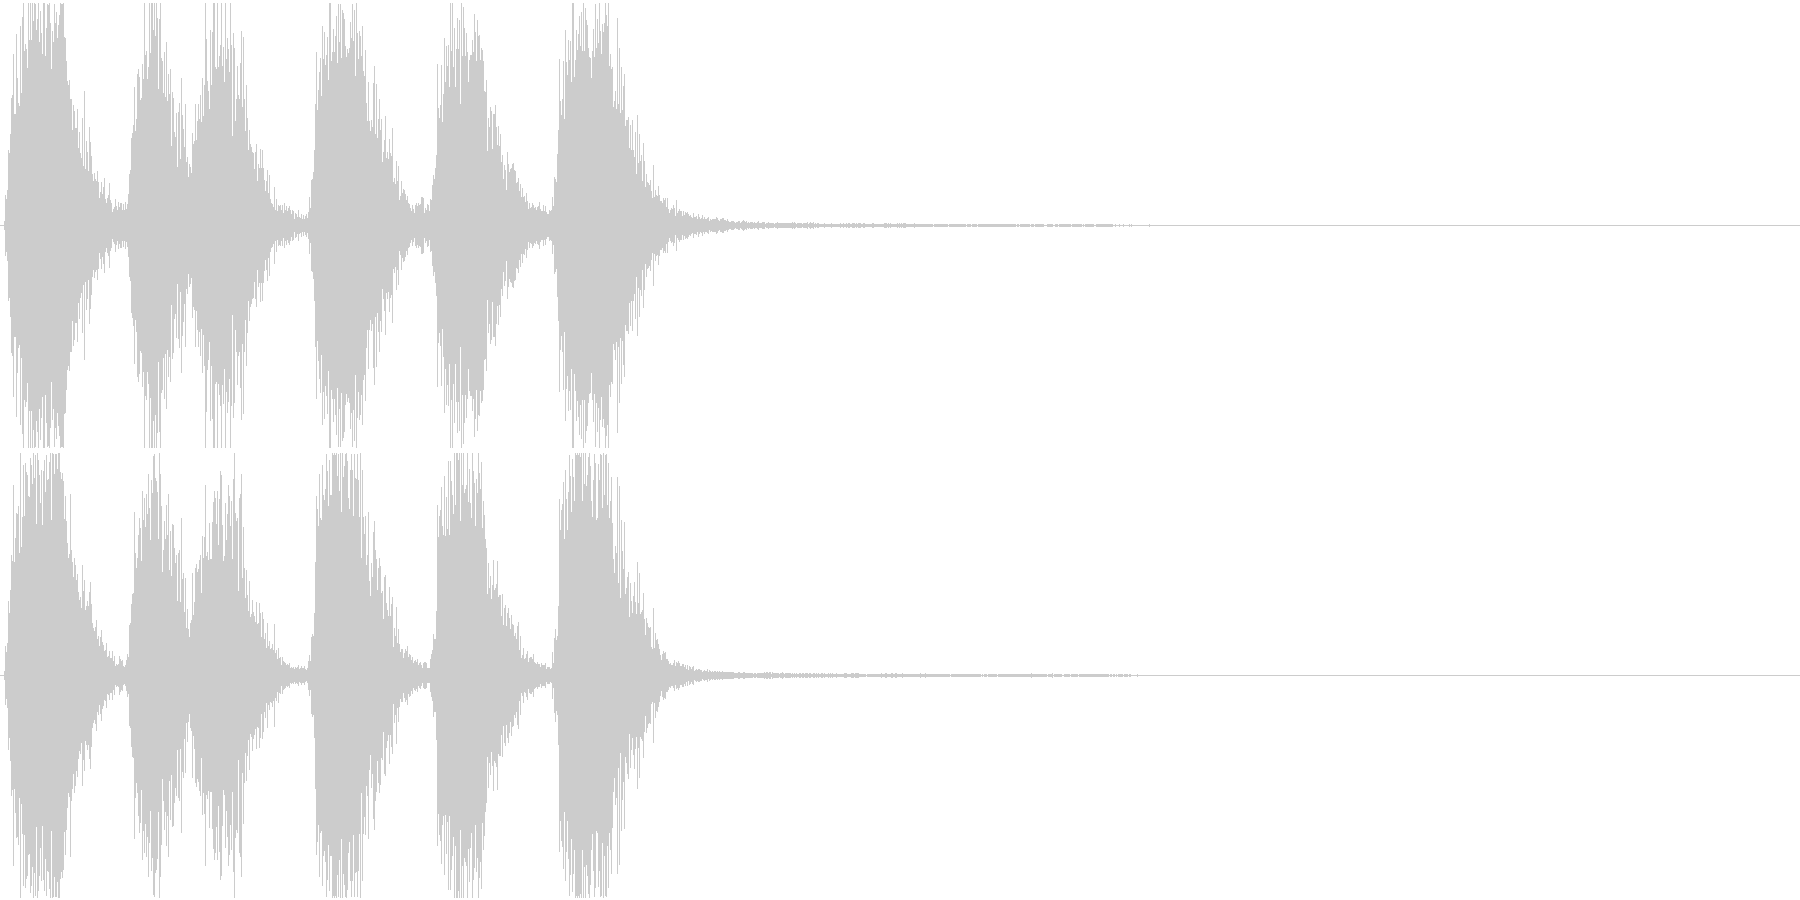 トランペット ファンファーレ 定番 15の未再生の波形